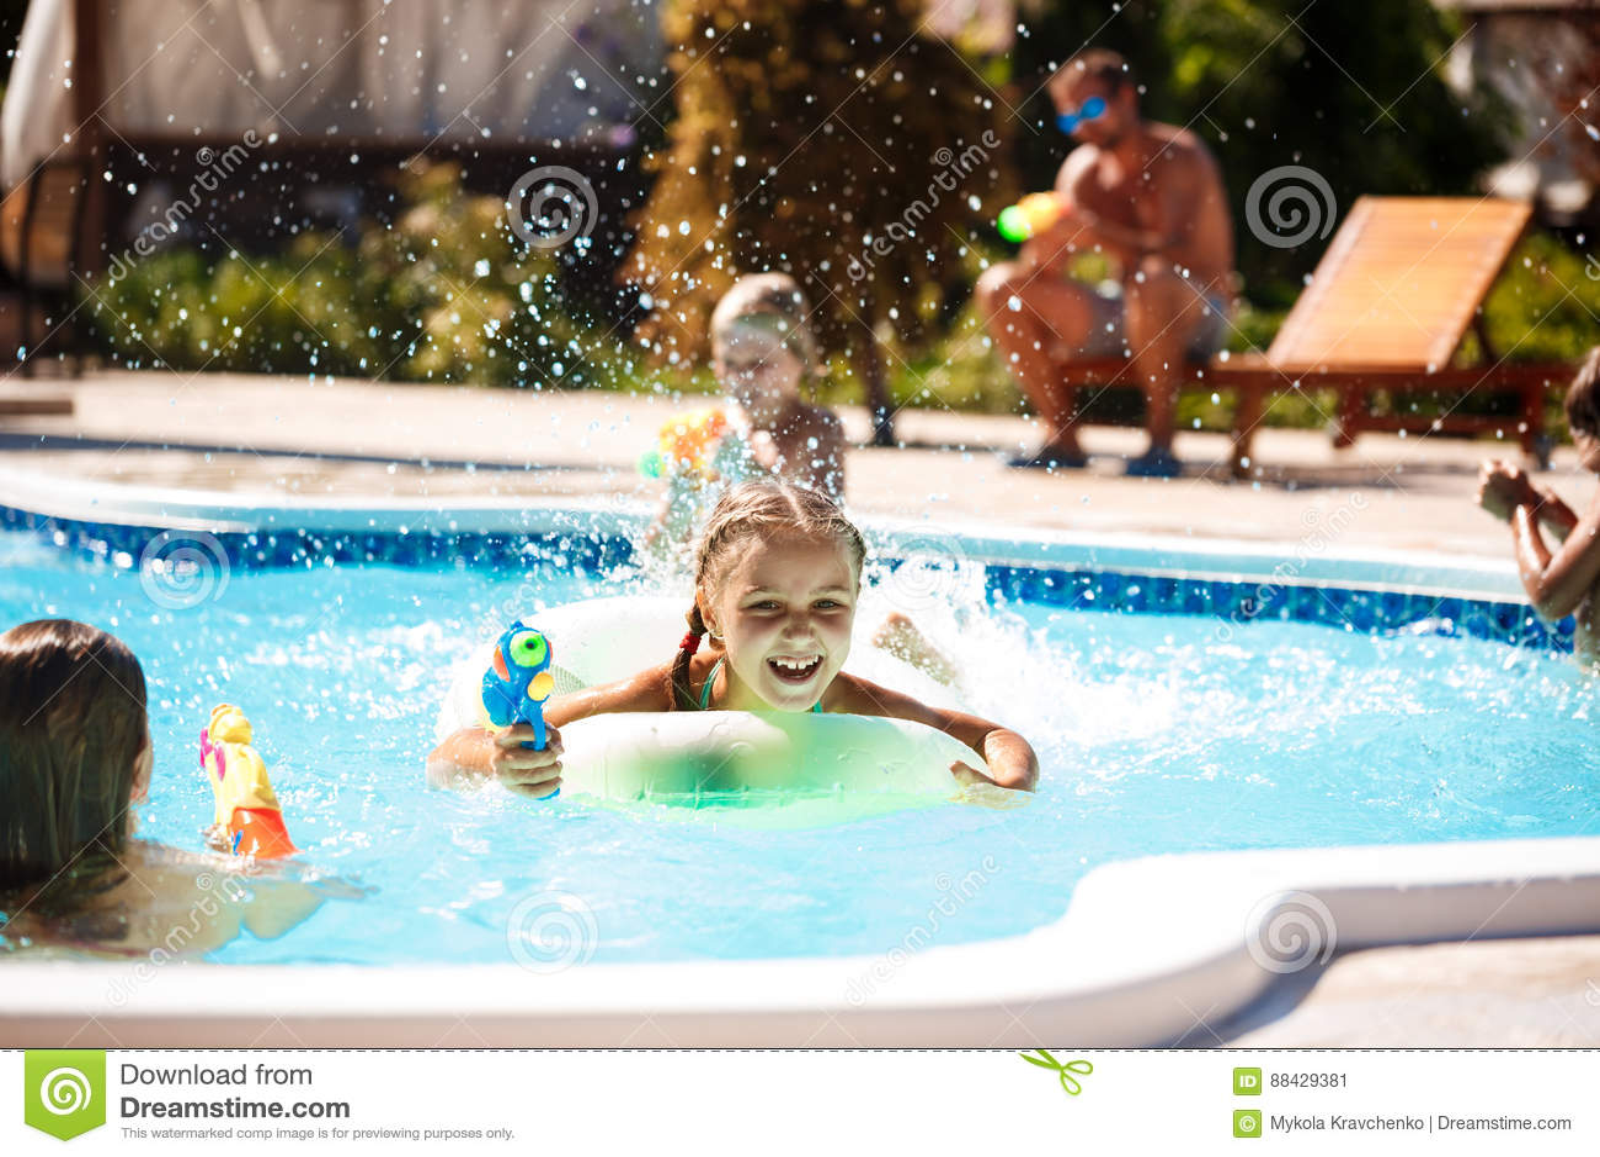 Spiele Im Pool